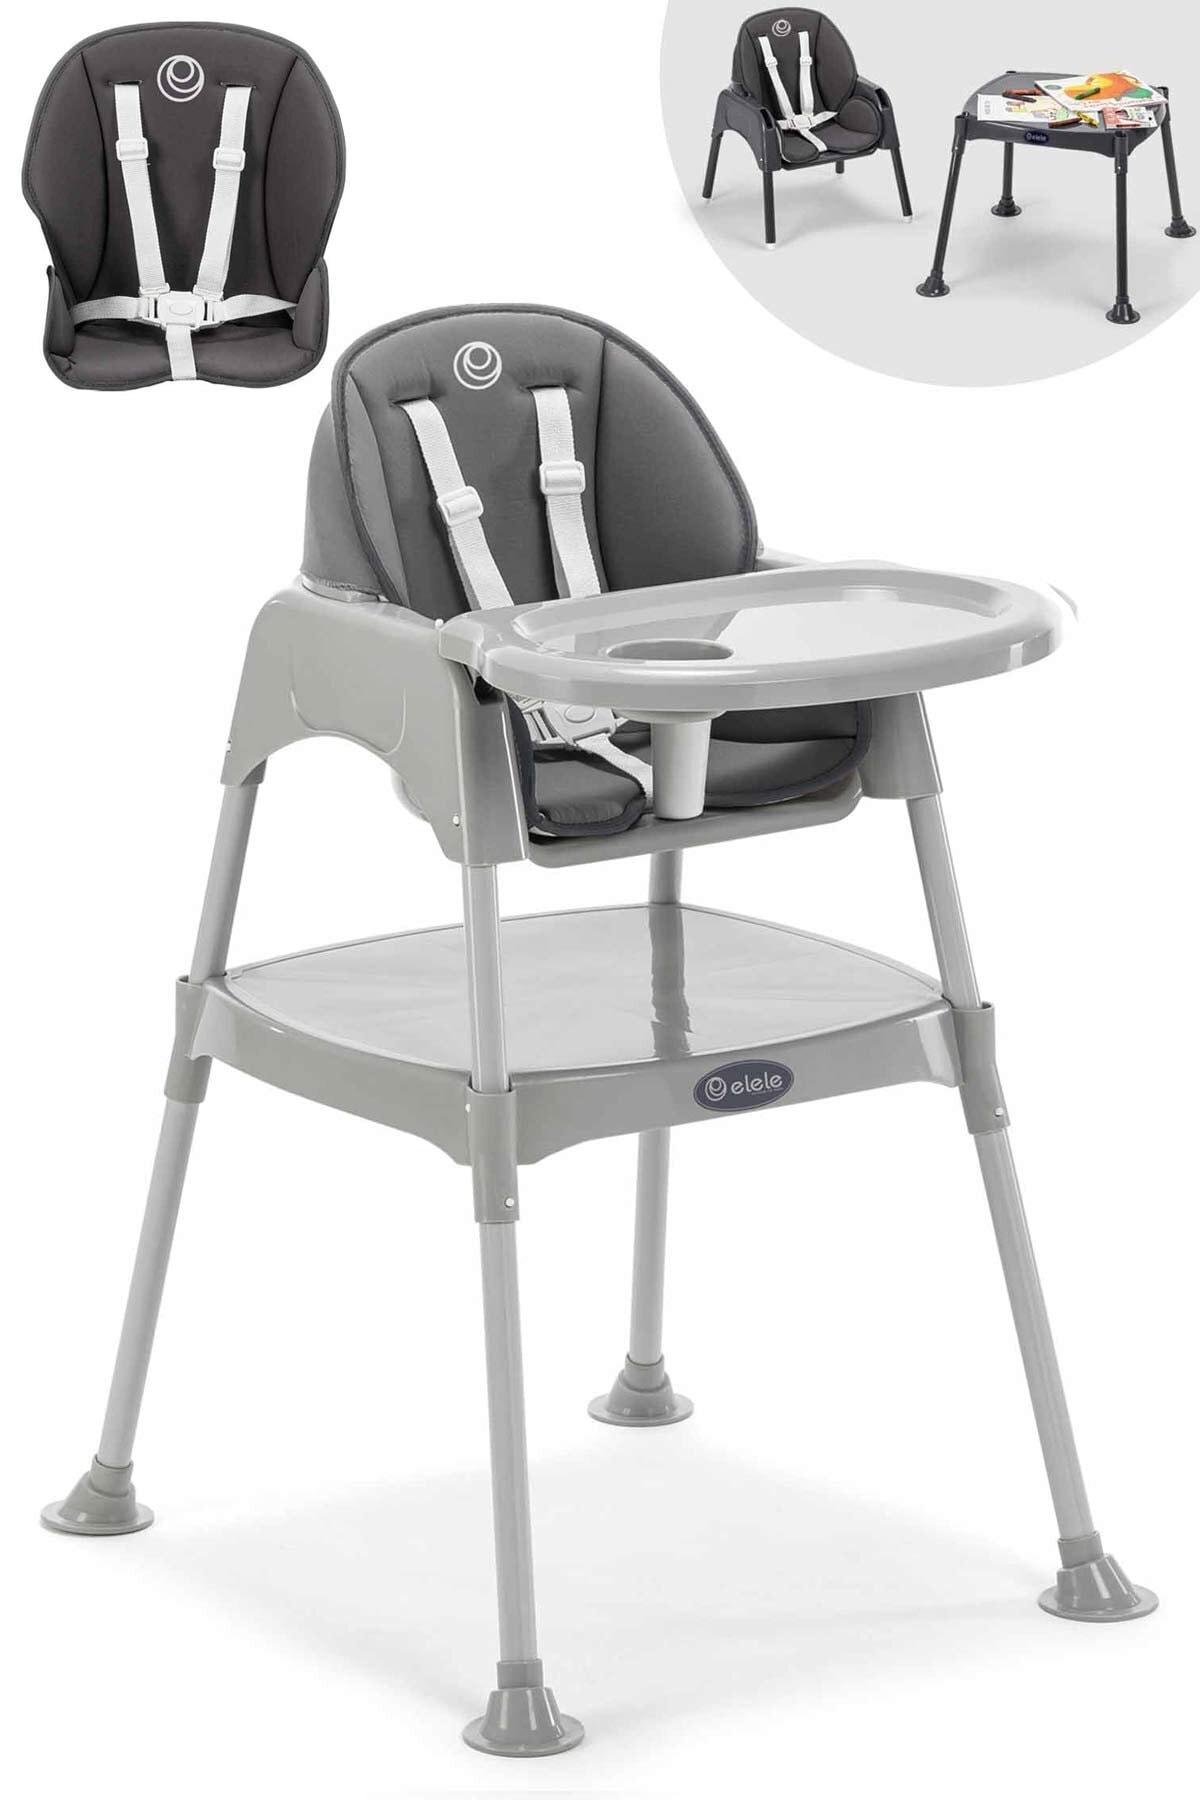 Elele Gri Pasto 3in1 Çalışma Masalı Mama Sandalyesi İç Ped Hediyeli 1